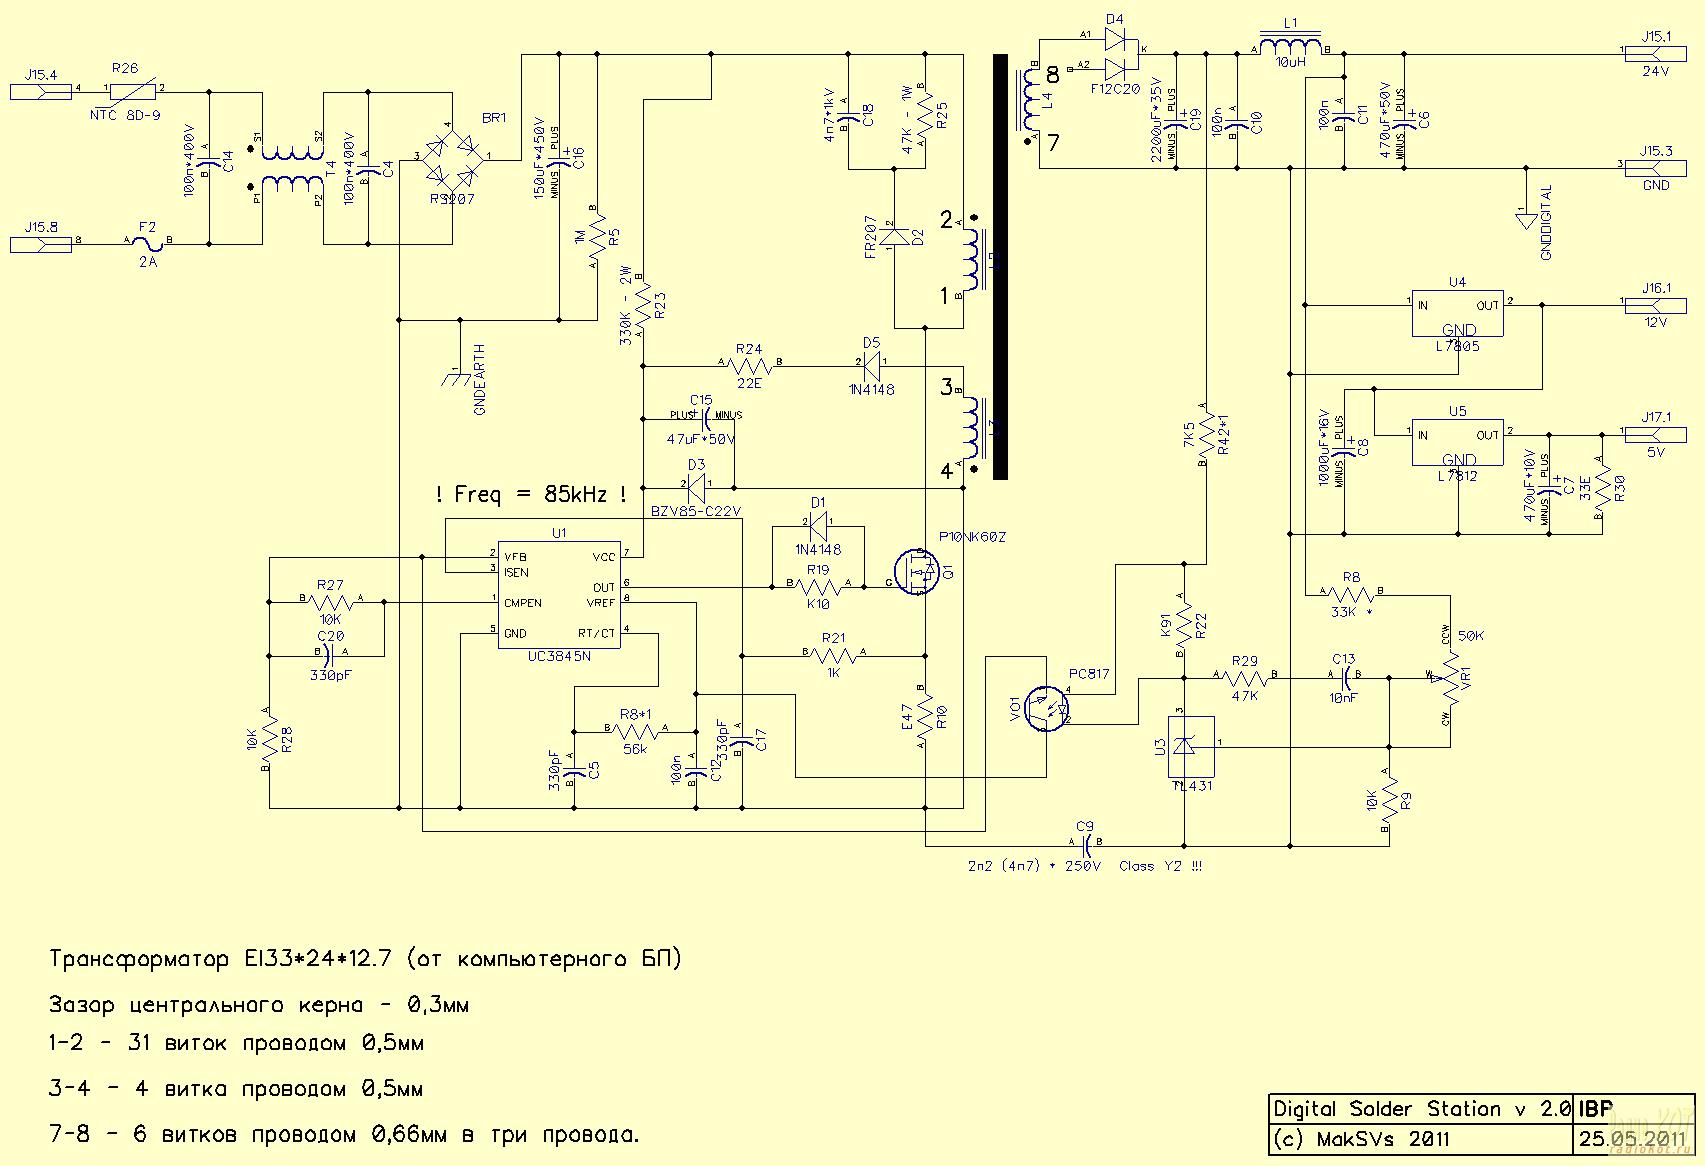 схема фена d-70745